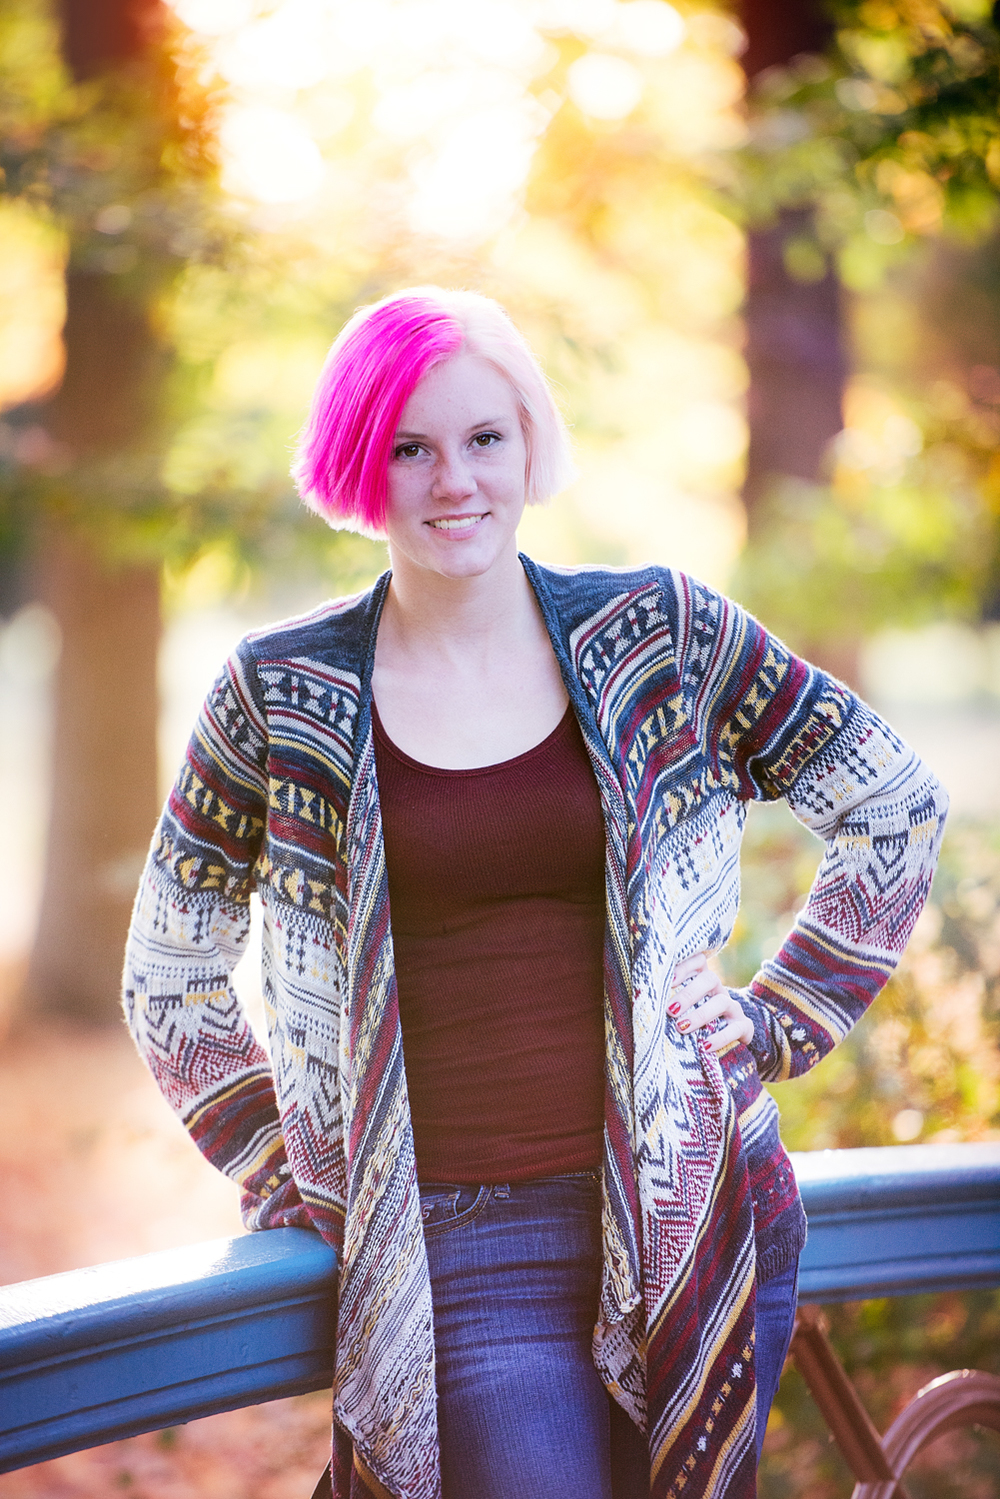 Molly_and_Chase_Senior_Photos_(Fall_20-15)_-16.jpg